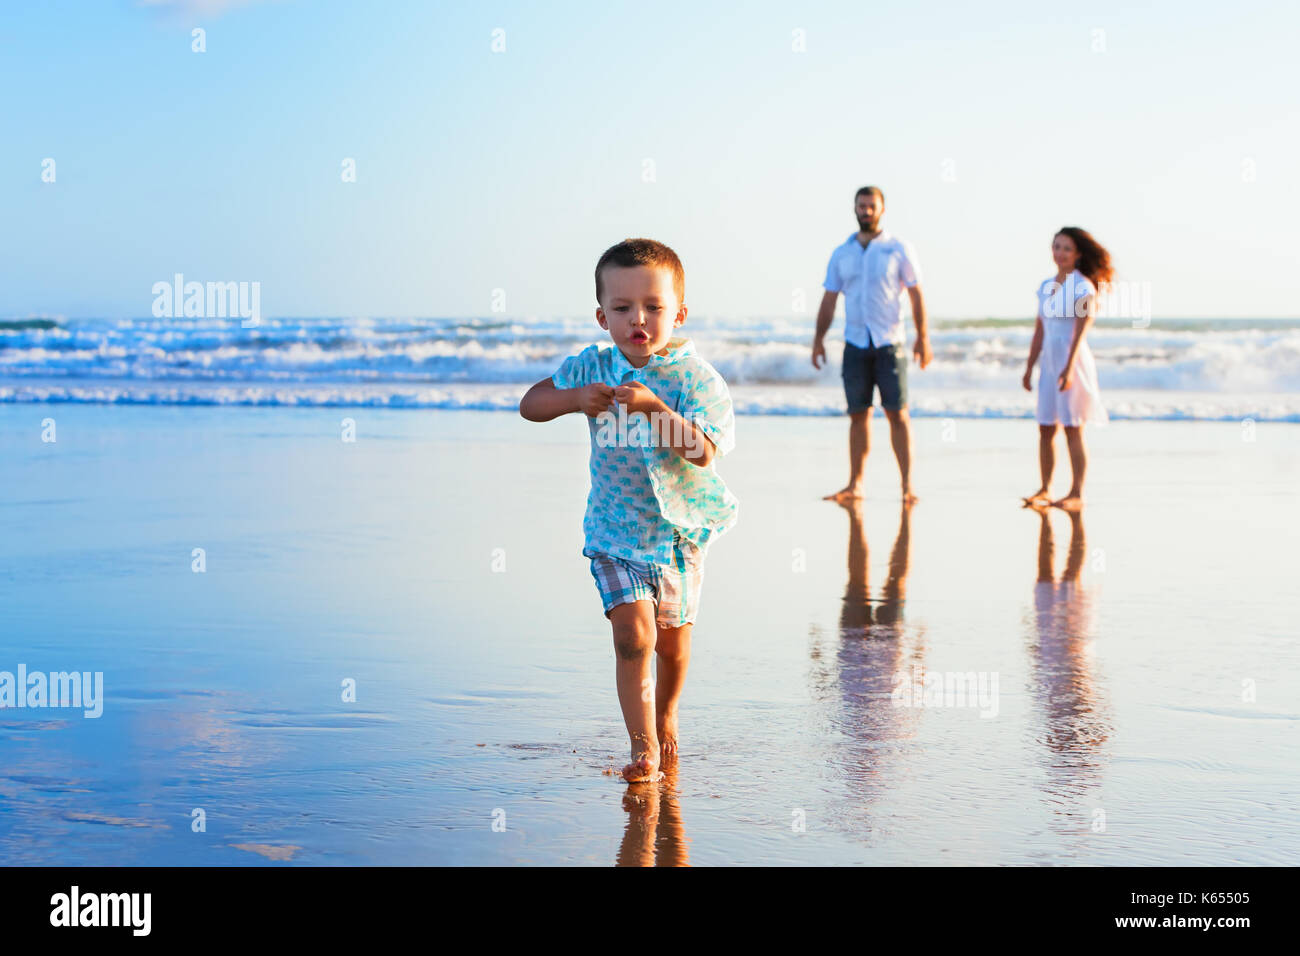 Feliz viaje familiar -padre, madre, hijo divertirse juntos, el niño ejecuta con toques de piscina de agua de mar a lo largo de sunset surf en la playa de arena negra. Imagen De Stock